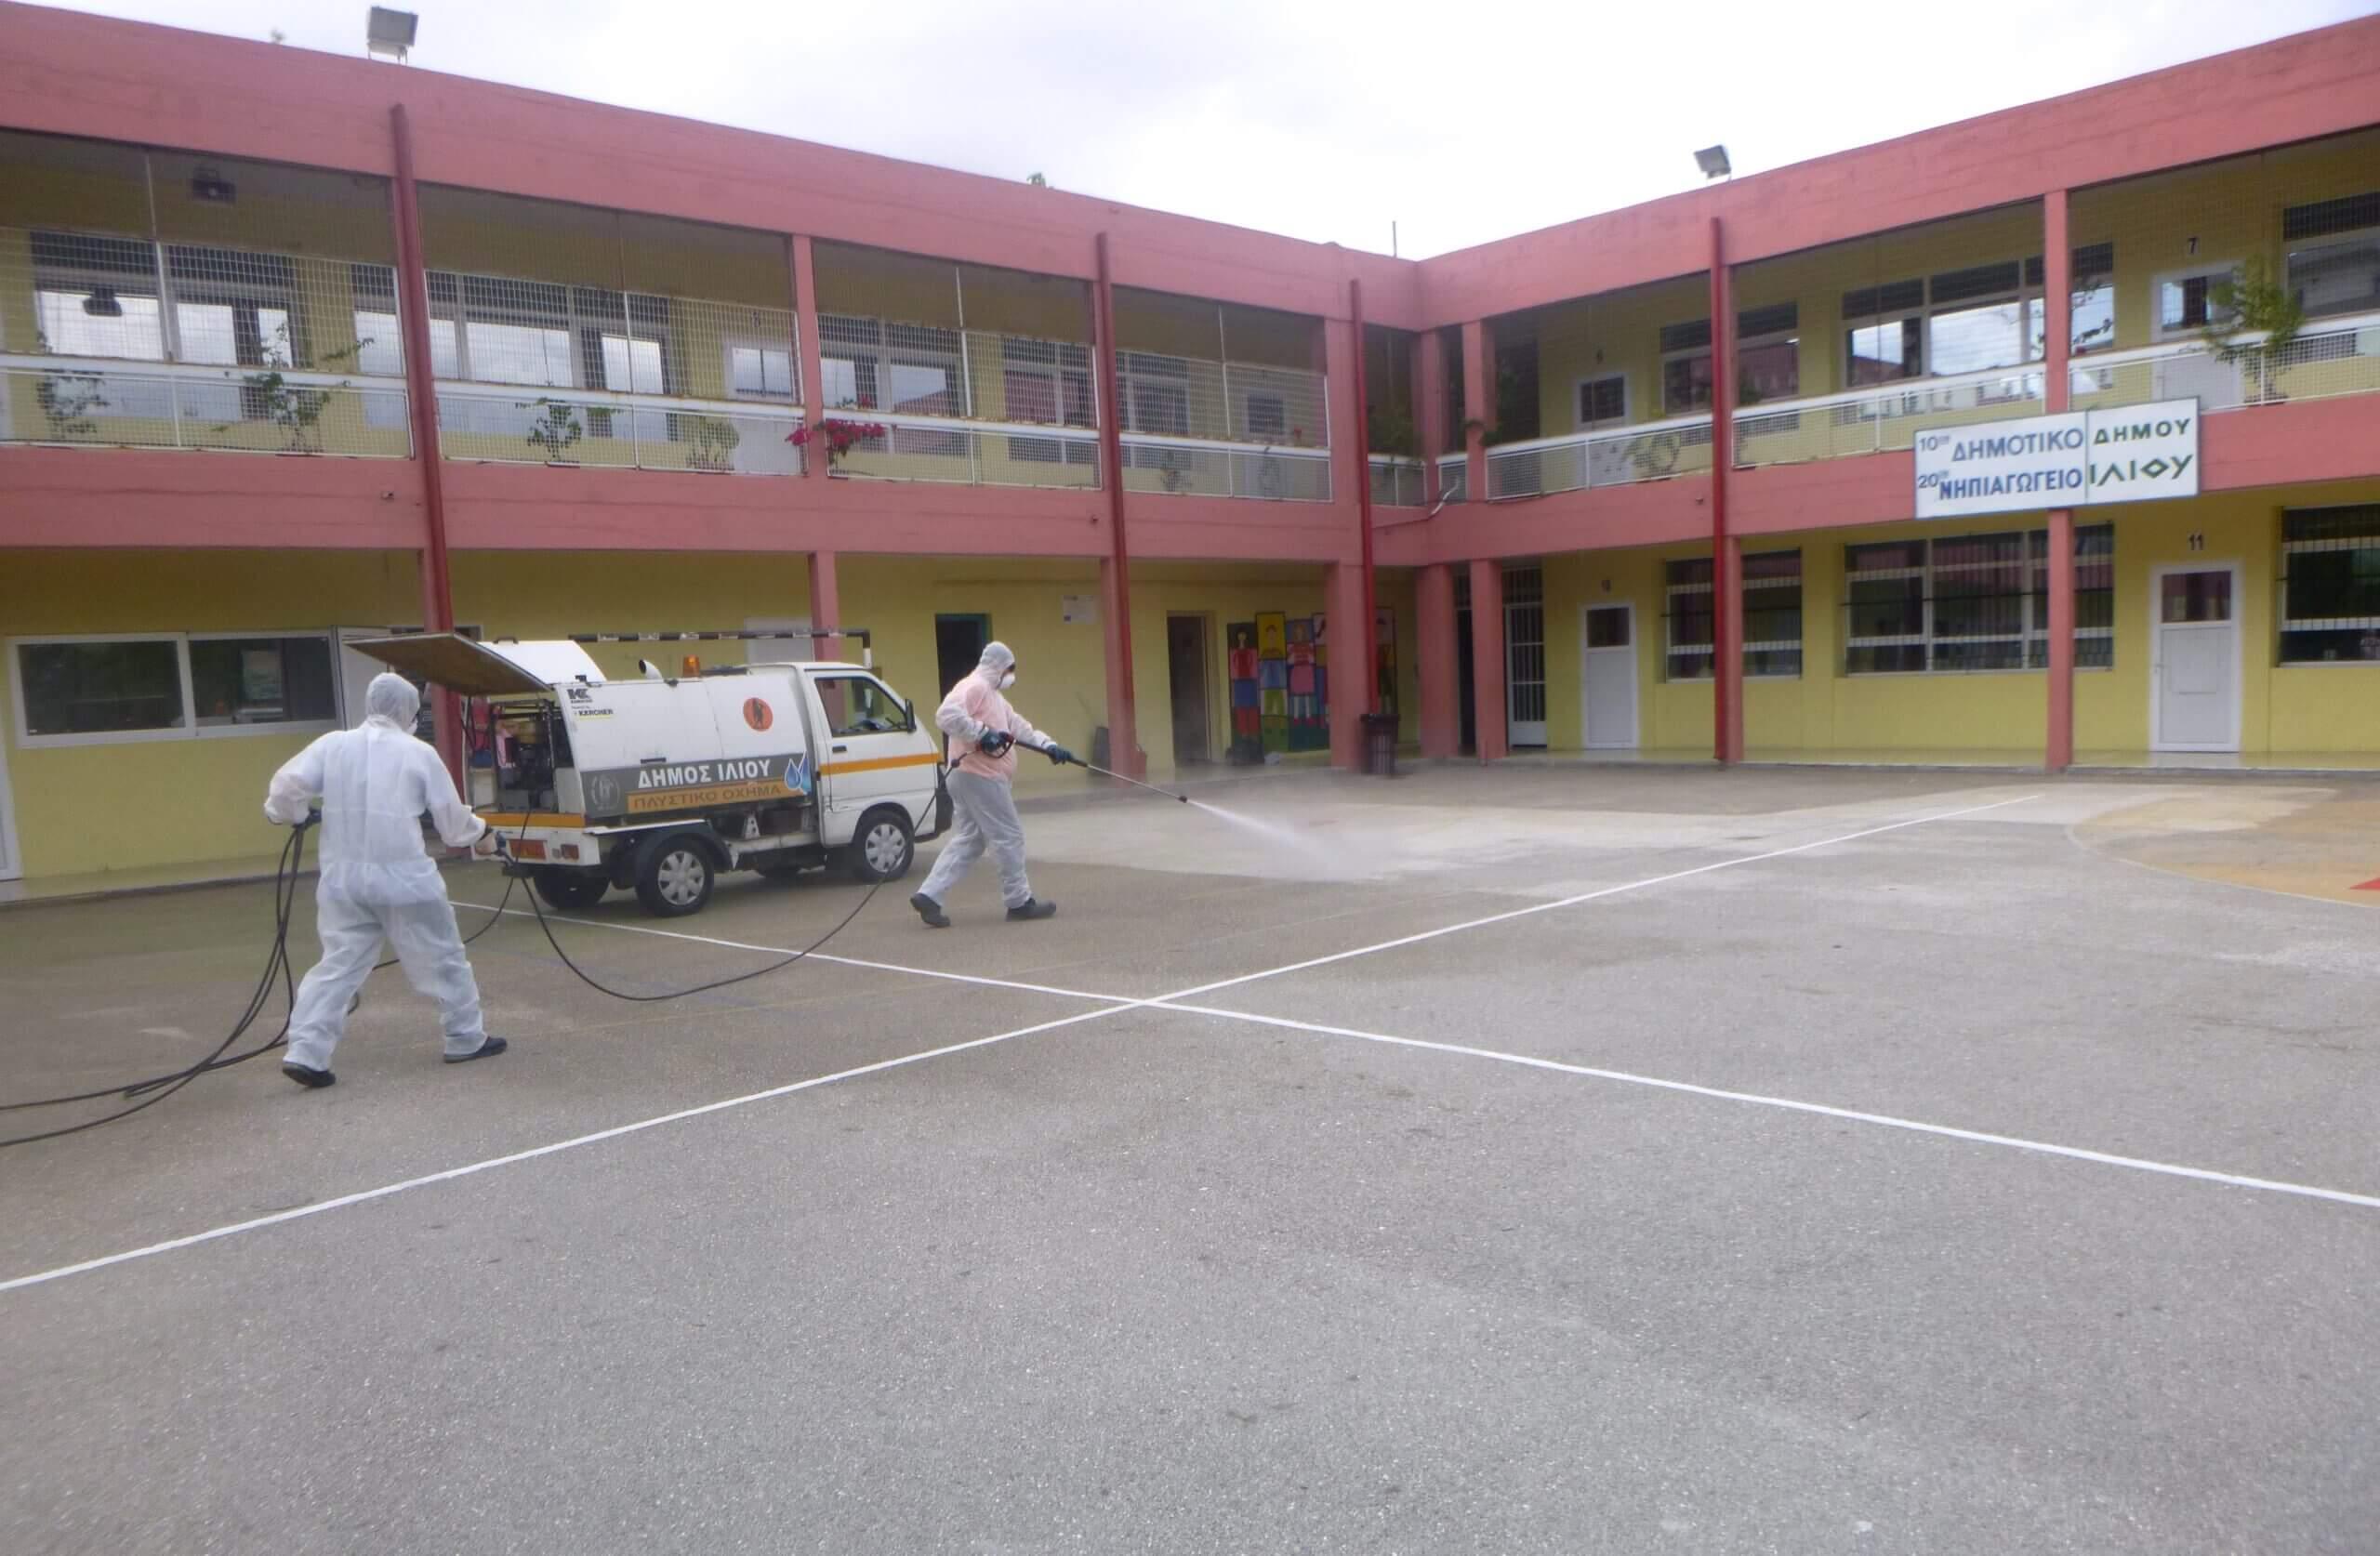 Απολυμάνσεις σε σχολεία και παιδικούς σταθμούς από τον Δήμο Ιλίου